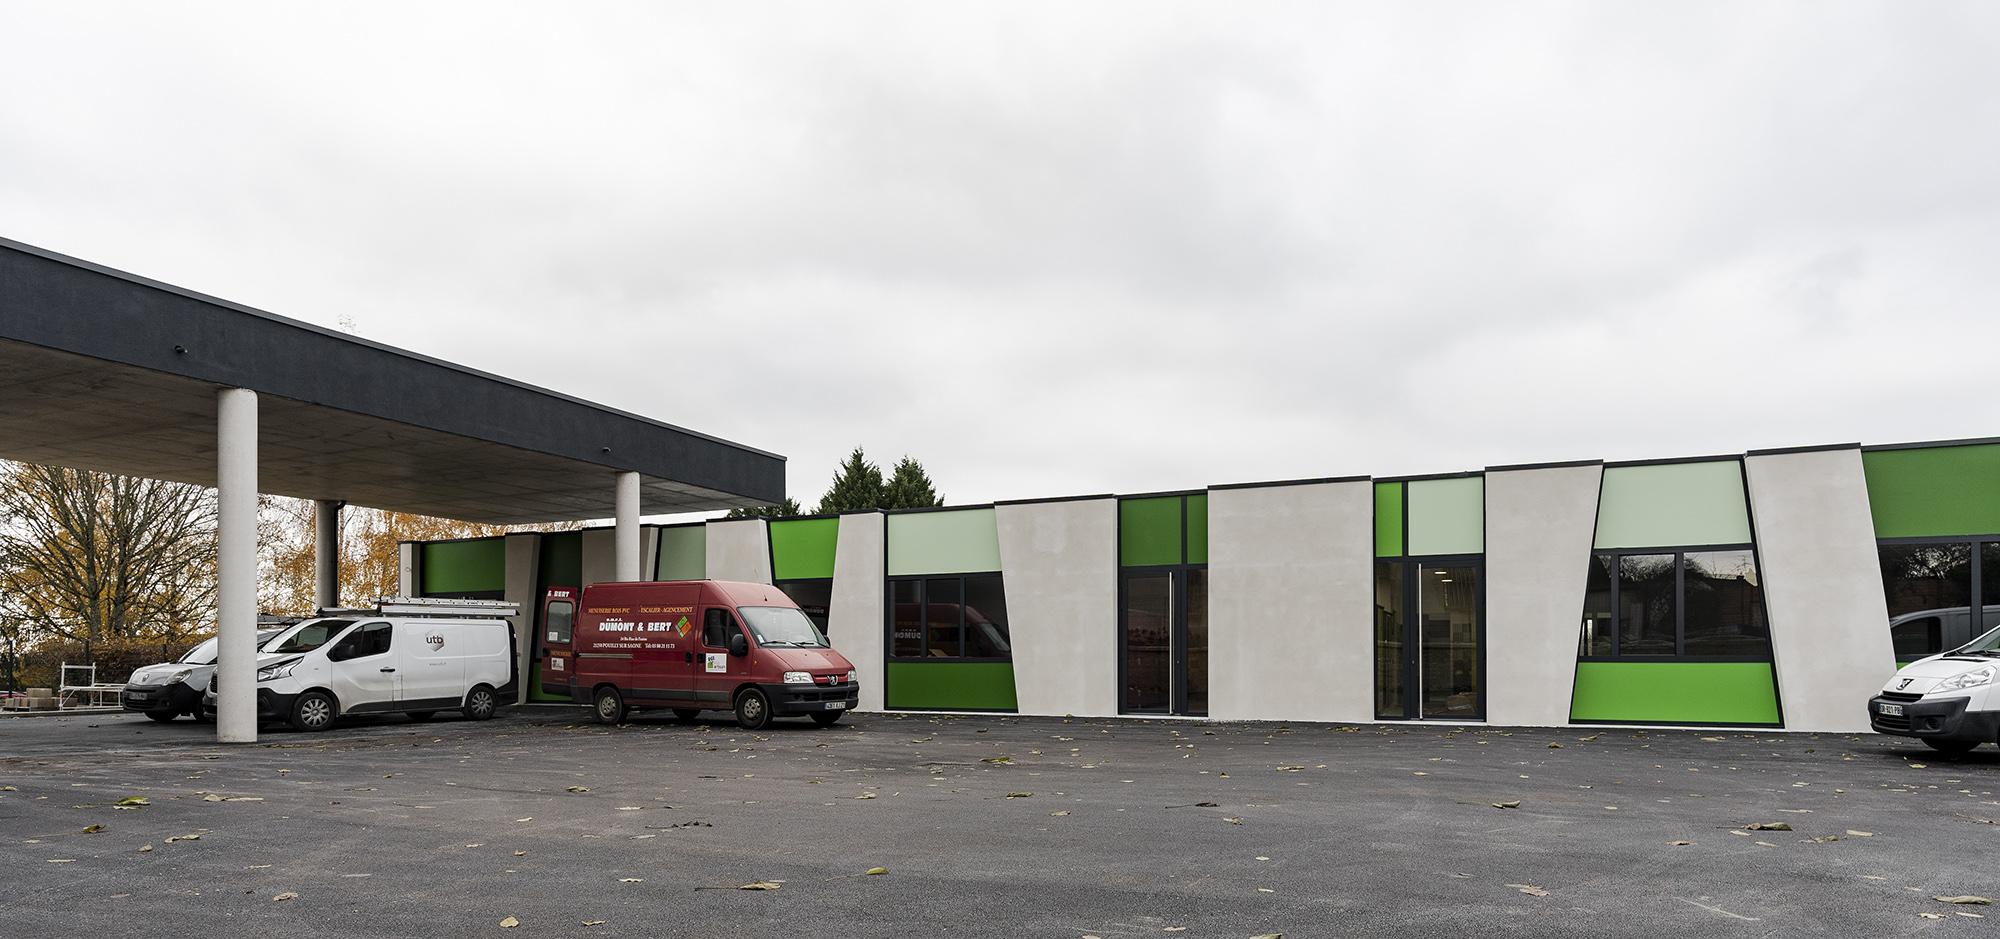 Chouette-architecture-école-élémentaire-Saint-Seine-en-Bâche-2000-6